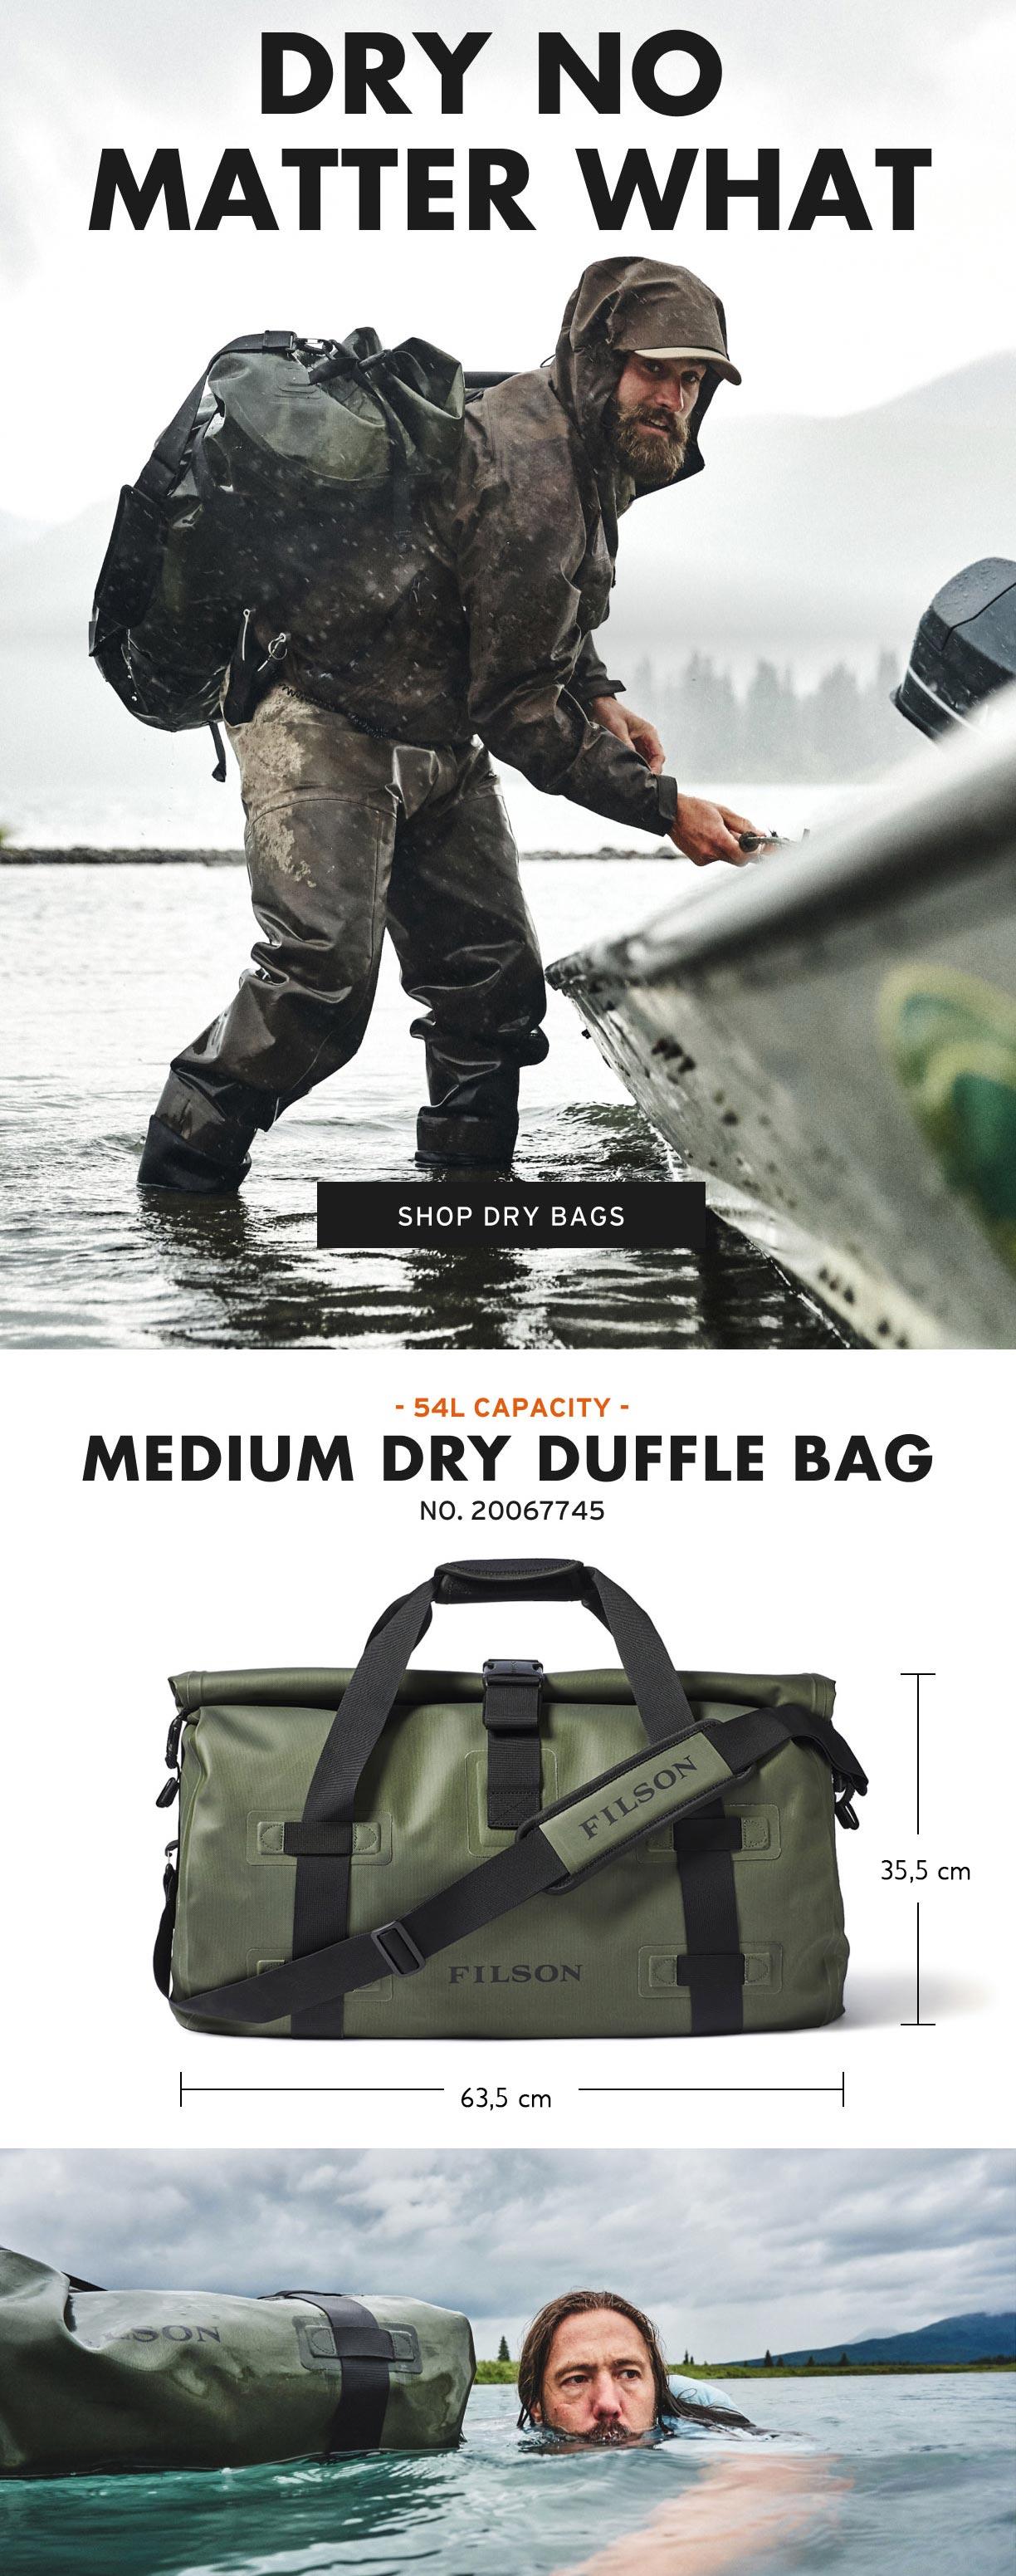 Filson Dry Duffle Medium Produktinformationen